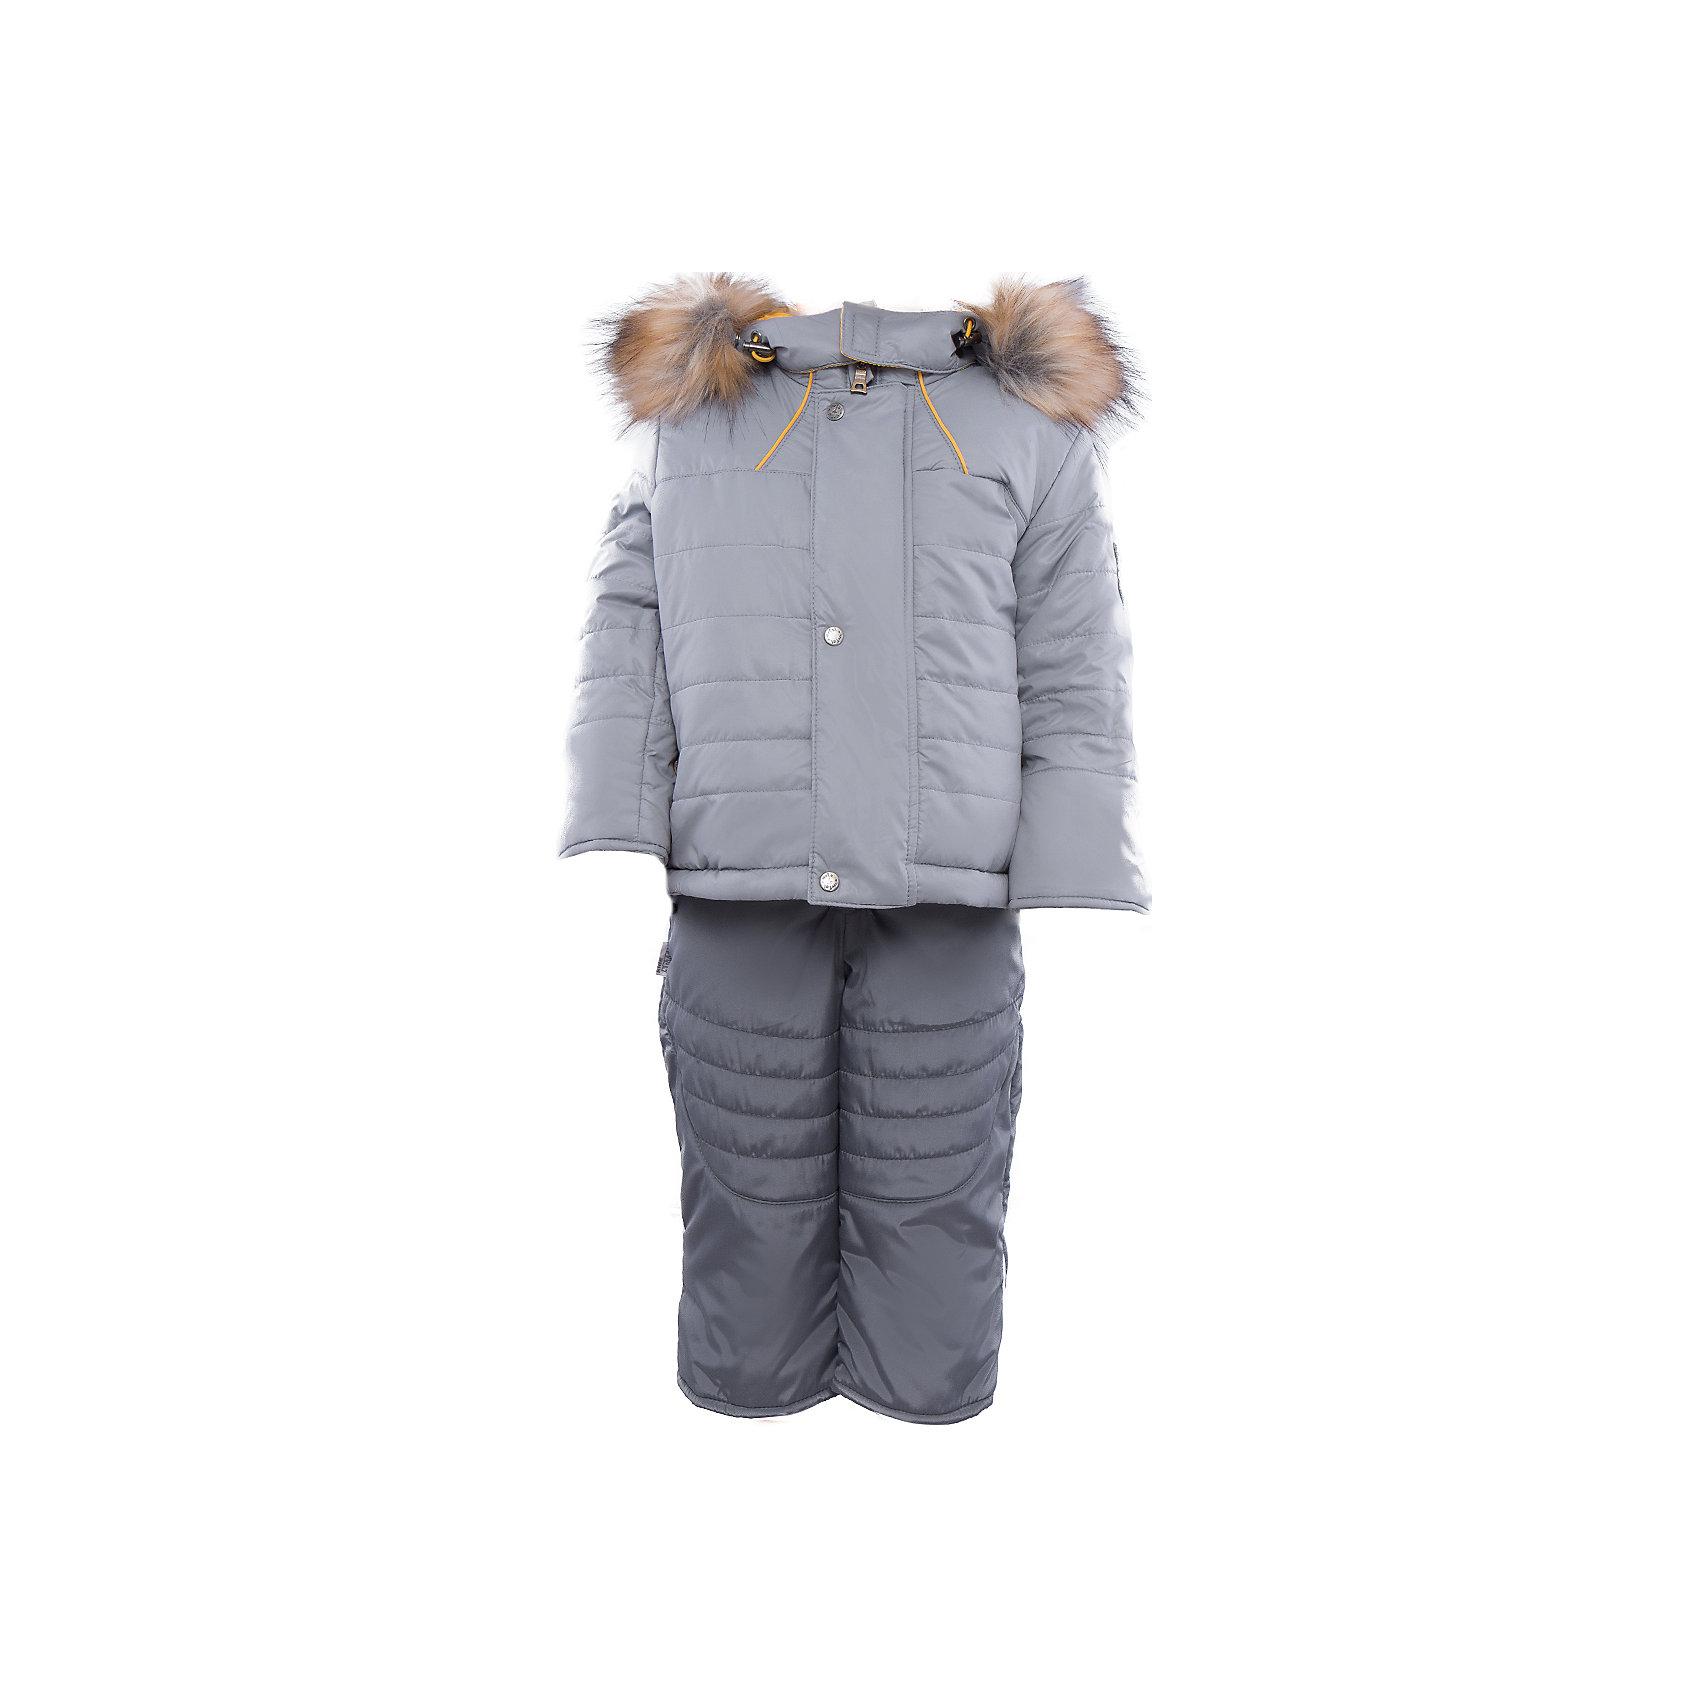 Комплект: куртка и полукомбинезон на овчине для мальчика АртельКомплект: куртка и полукомбинезон для мальчика от известного бренда Артель<br>Теплая куртка прямого силуэта с дополнительной меховой подстежкой. Съемный глубокий капюшон на кнопках с искусственным отстегивающемся мехом енота, вязаные манжеты в рукавах и регулируемая кулиска по низу куртки создают дополнительную защиту в холодное время года. Отворотный рукав регулируется по длине, карманы прорезные на молнии. У полукомбинезона регулируется длина бретелек и отворачивается низ штанишек, что позволит индивидуально для каждого ребенка скорректировать посадку изделия. По низу штанины имеется дополнительная защита от снега. <br>Состав:<br>Верх: 819 YSD<br>Подкладка: интерлок<br>Подстежка: овчина<br>Опушка:енот искусственный(отстегивается)<br>Утеплитель: термофайбер 200гр<br><br>Ширина мм: 215<br>Глубина мм: 88<br>Высота мм: 191<br>Вес г: 336<br>Цвет: серый<br>Возраст от месяцев: 12<br>Возраст до месяцев: 15<br>Пол: Мужской<br>Возраст: Детский<br>Размер: 80,92<br>SKU: 4963904